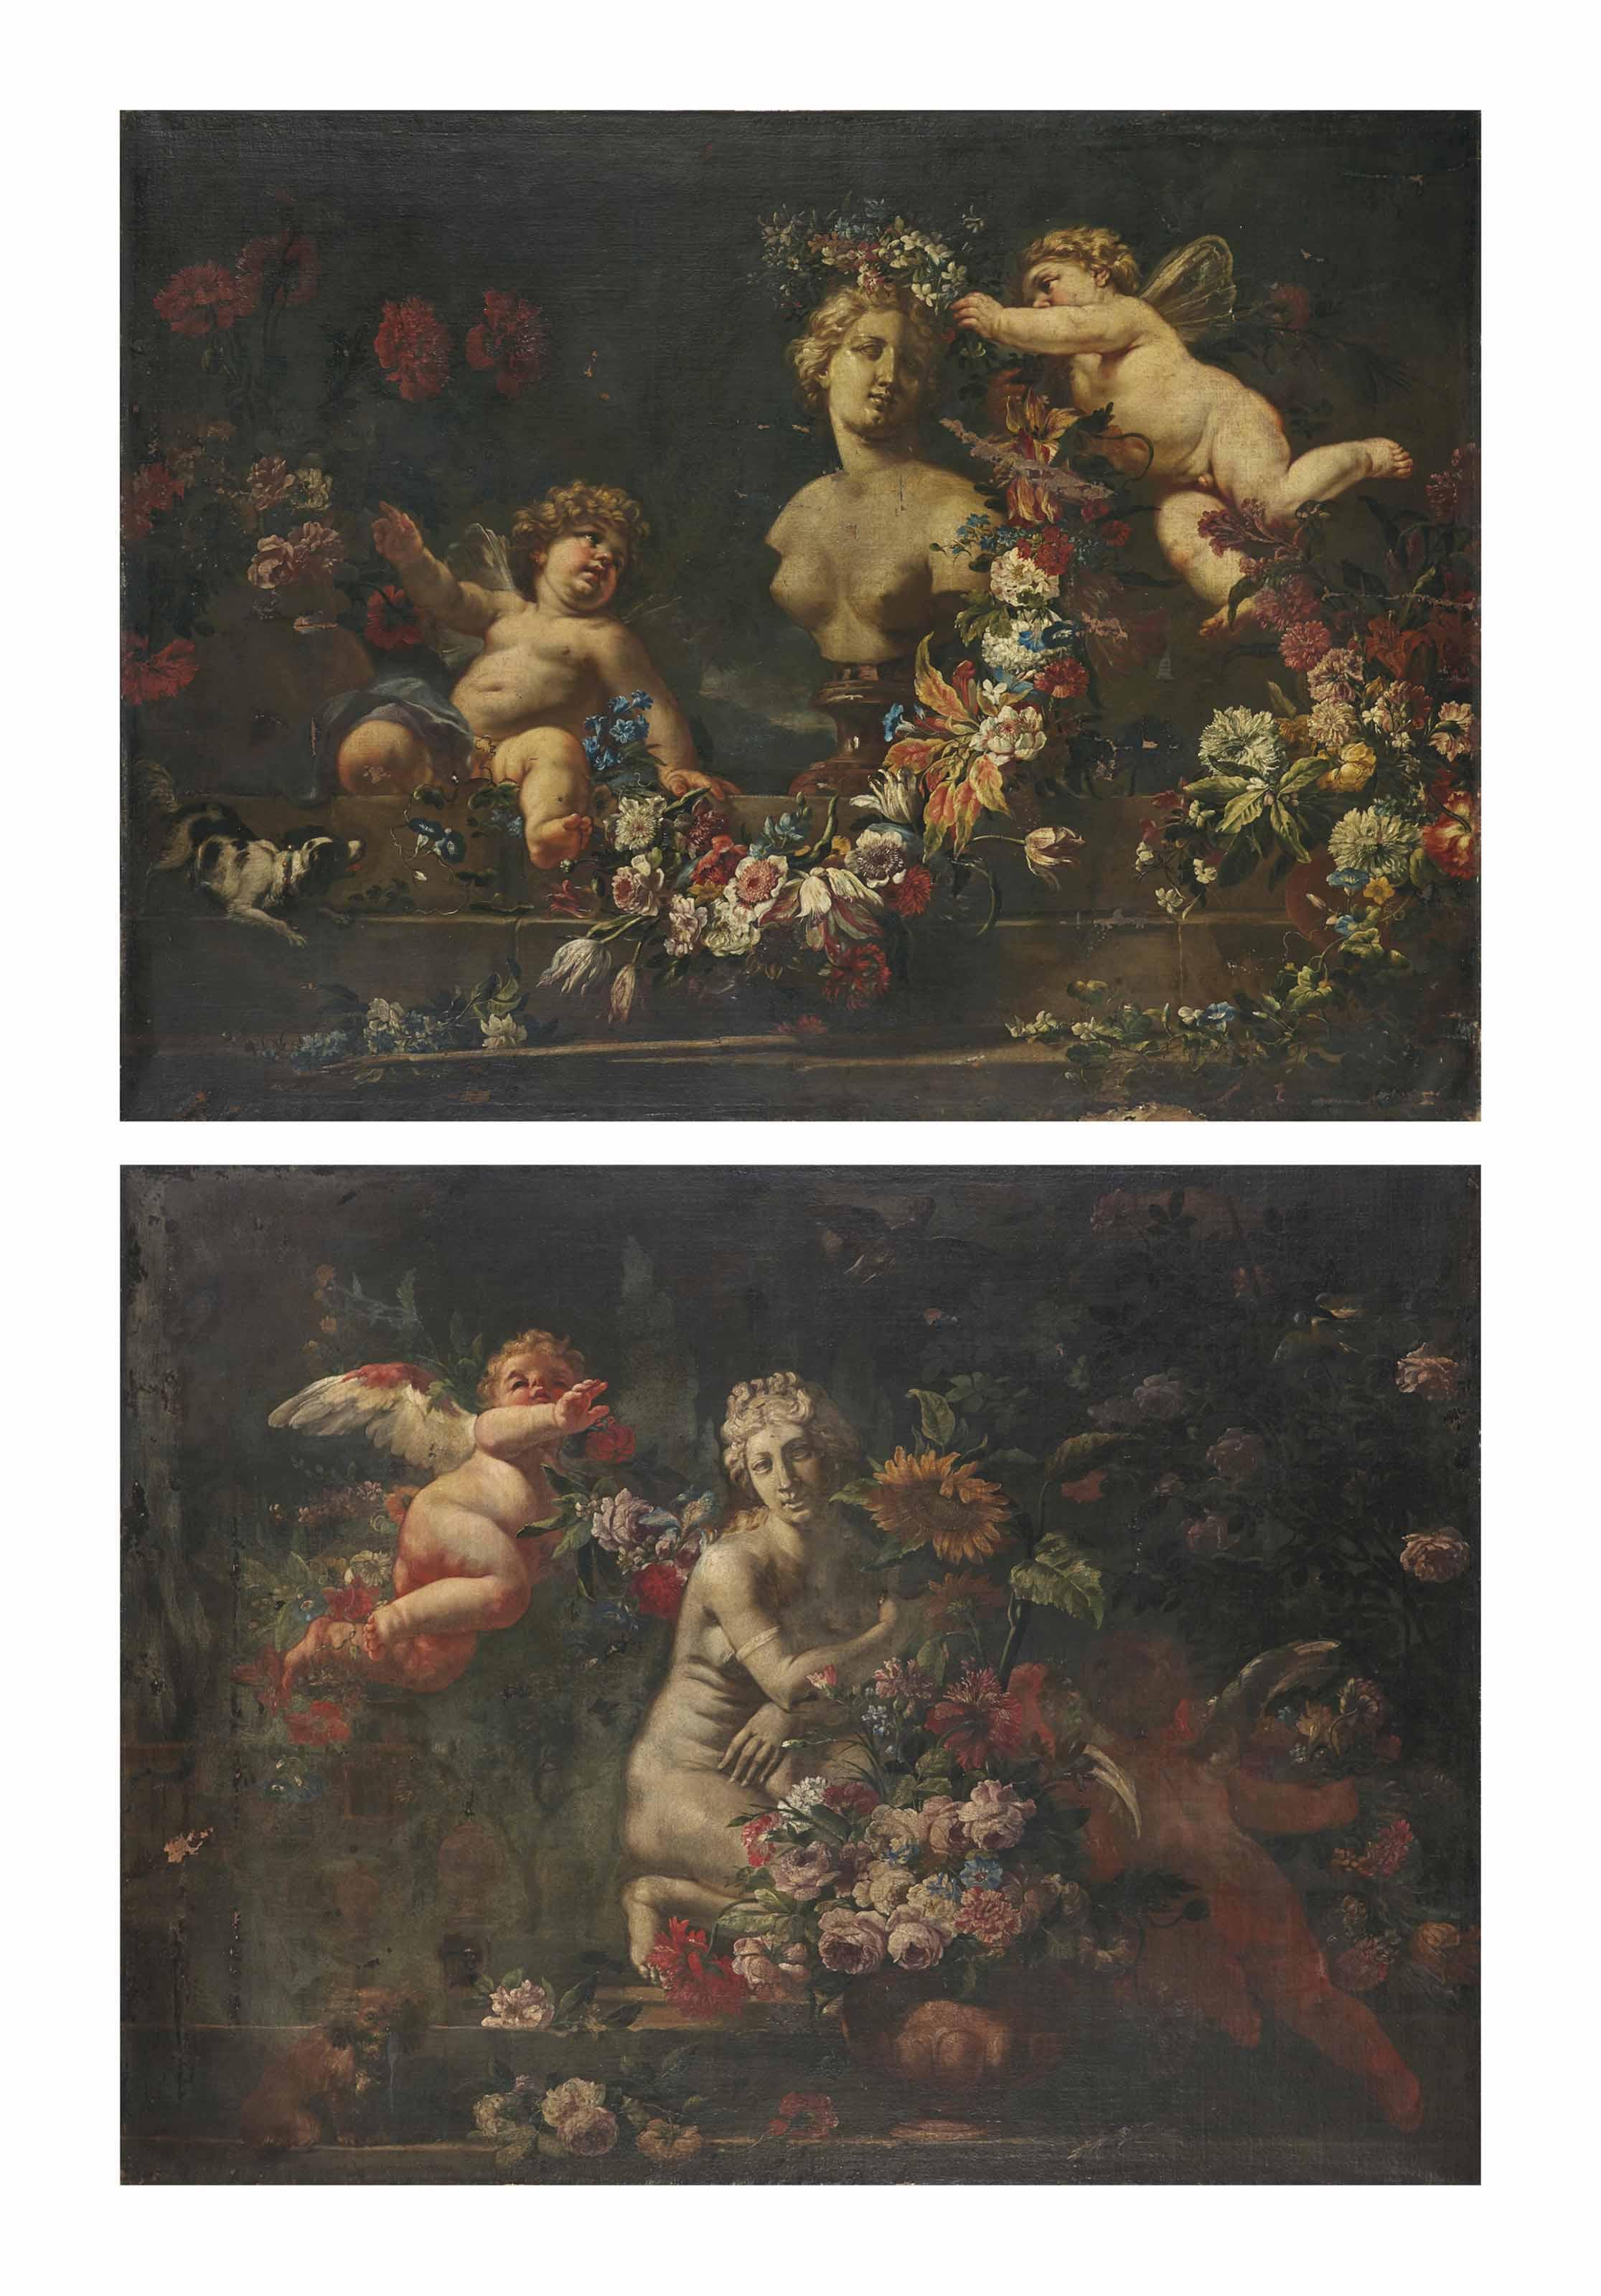 Nature morte à la Vénus accroupie ; et Nature morte au buste de Vénus